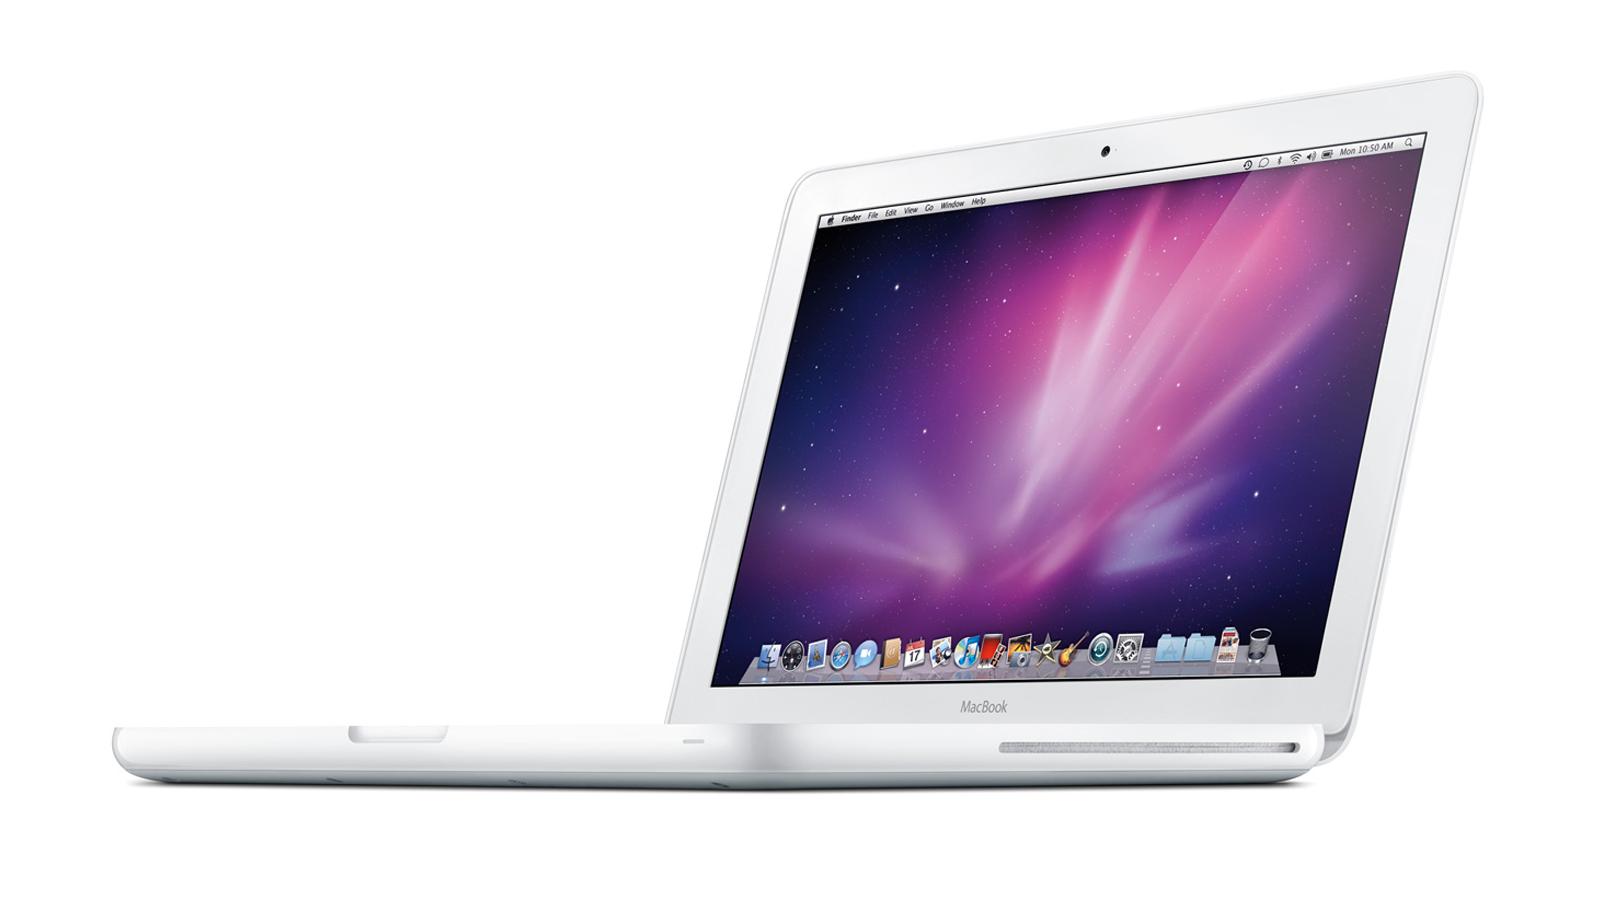 macbook vs macbook air, specs, 2015 macbook, 2018 macbook air, compare, comparison